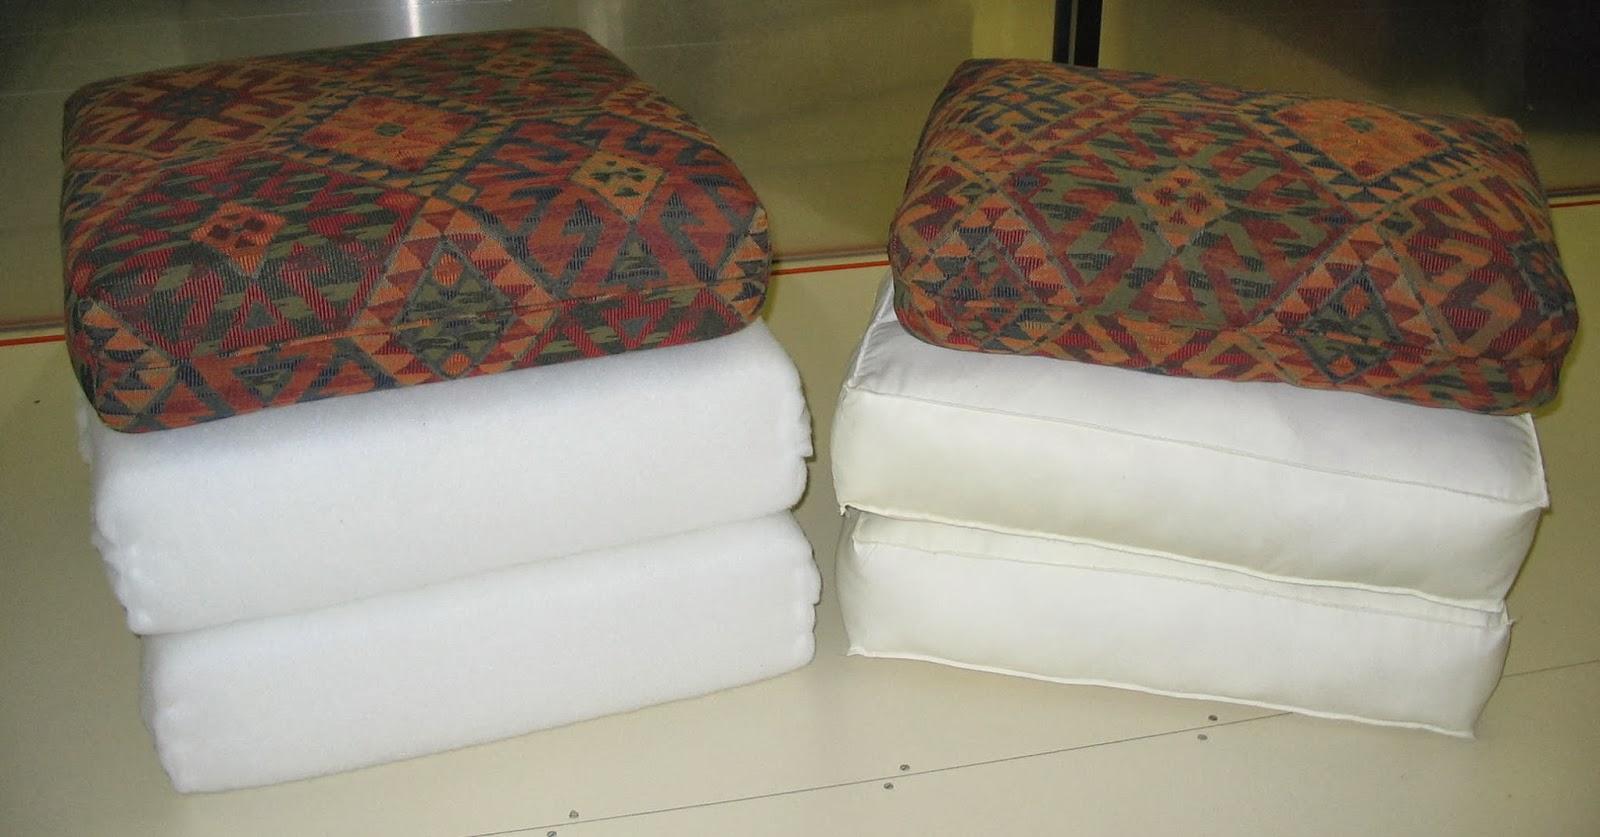 Pouf canap en mousse pratique pour une salle de jeux - Plaque de mousse pour canape ...